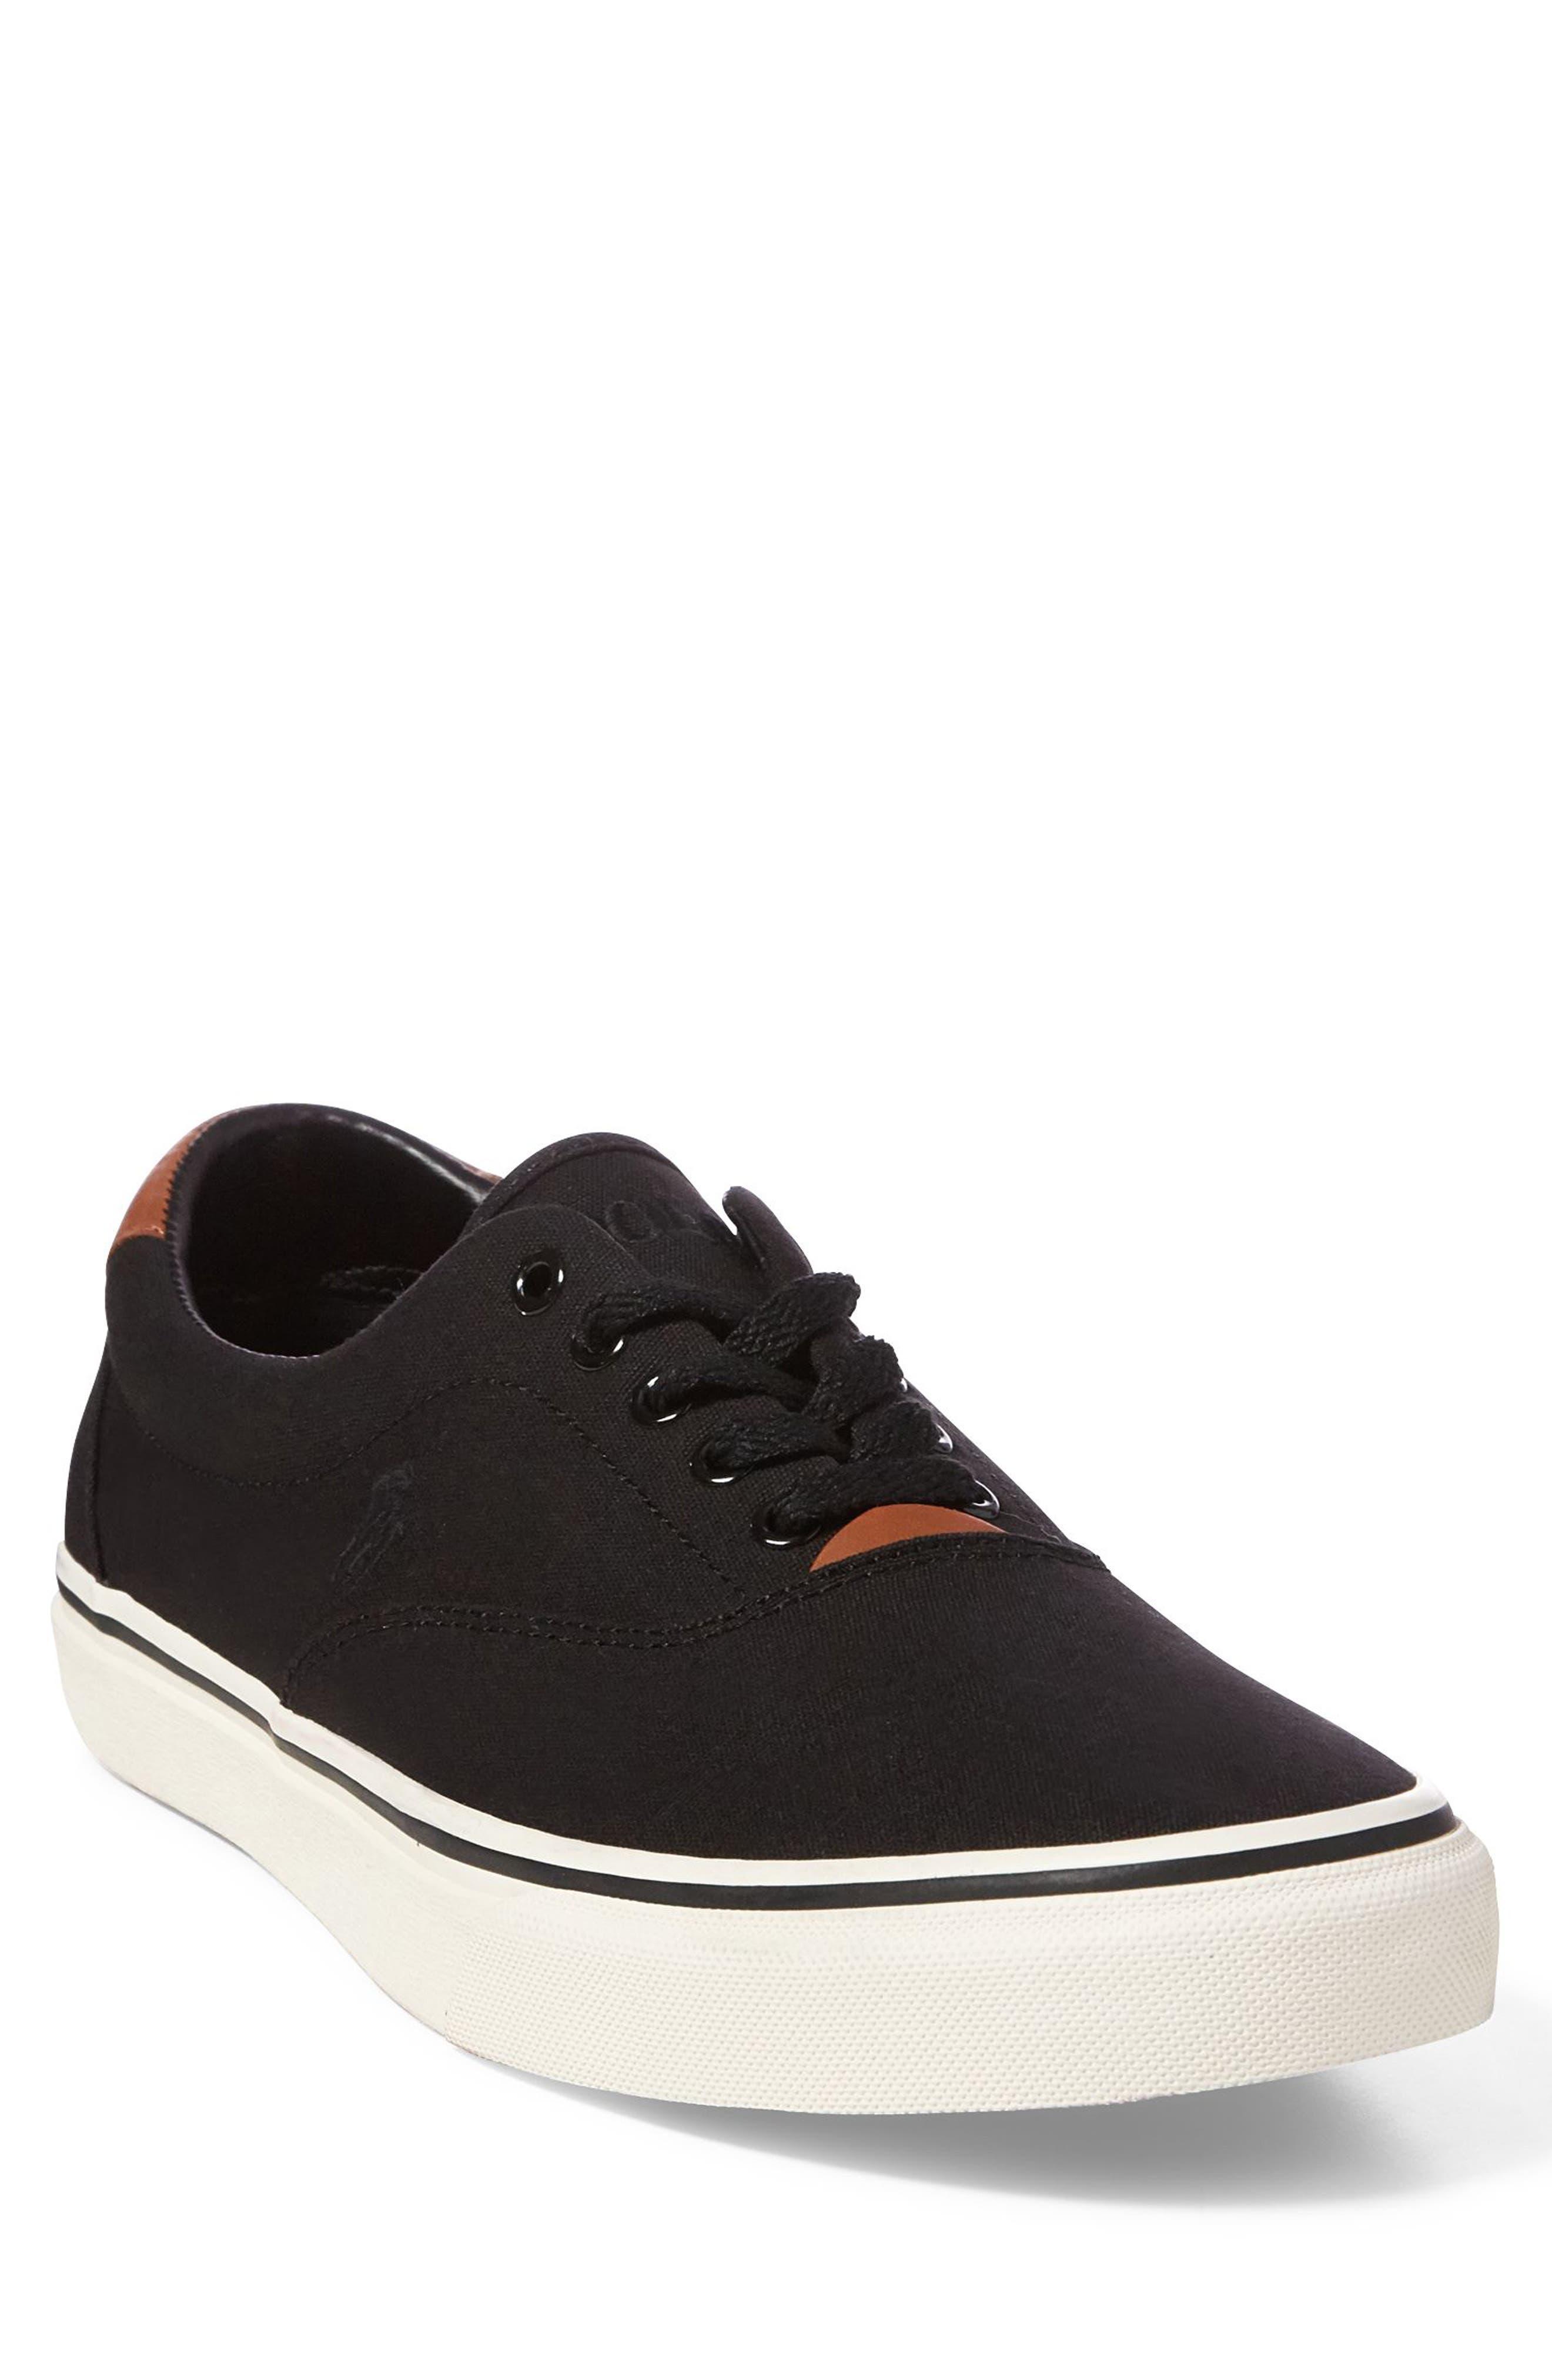 POLO RALPH LAUREN, Thorton Low Top Sneaker, Main thumbnail 1, color, BLACK CANVAS